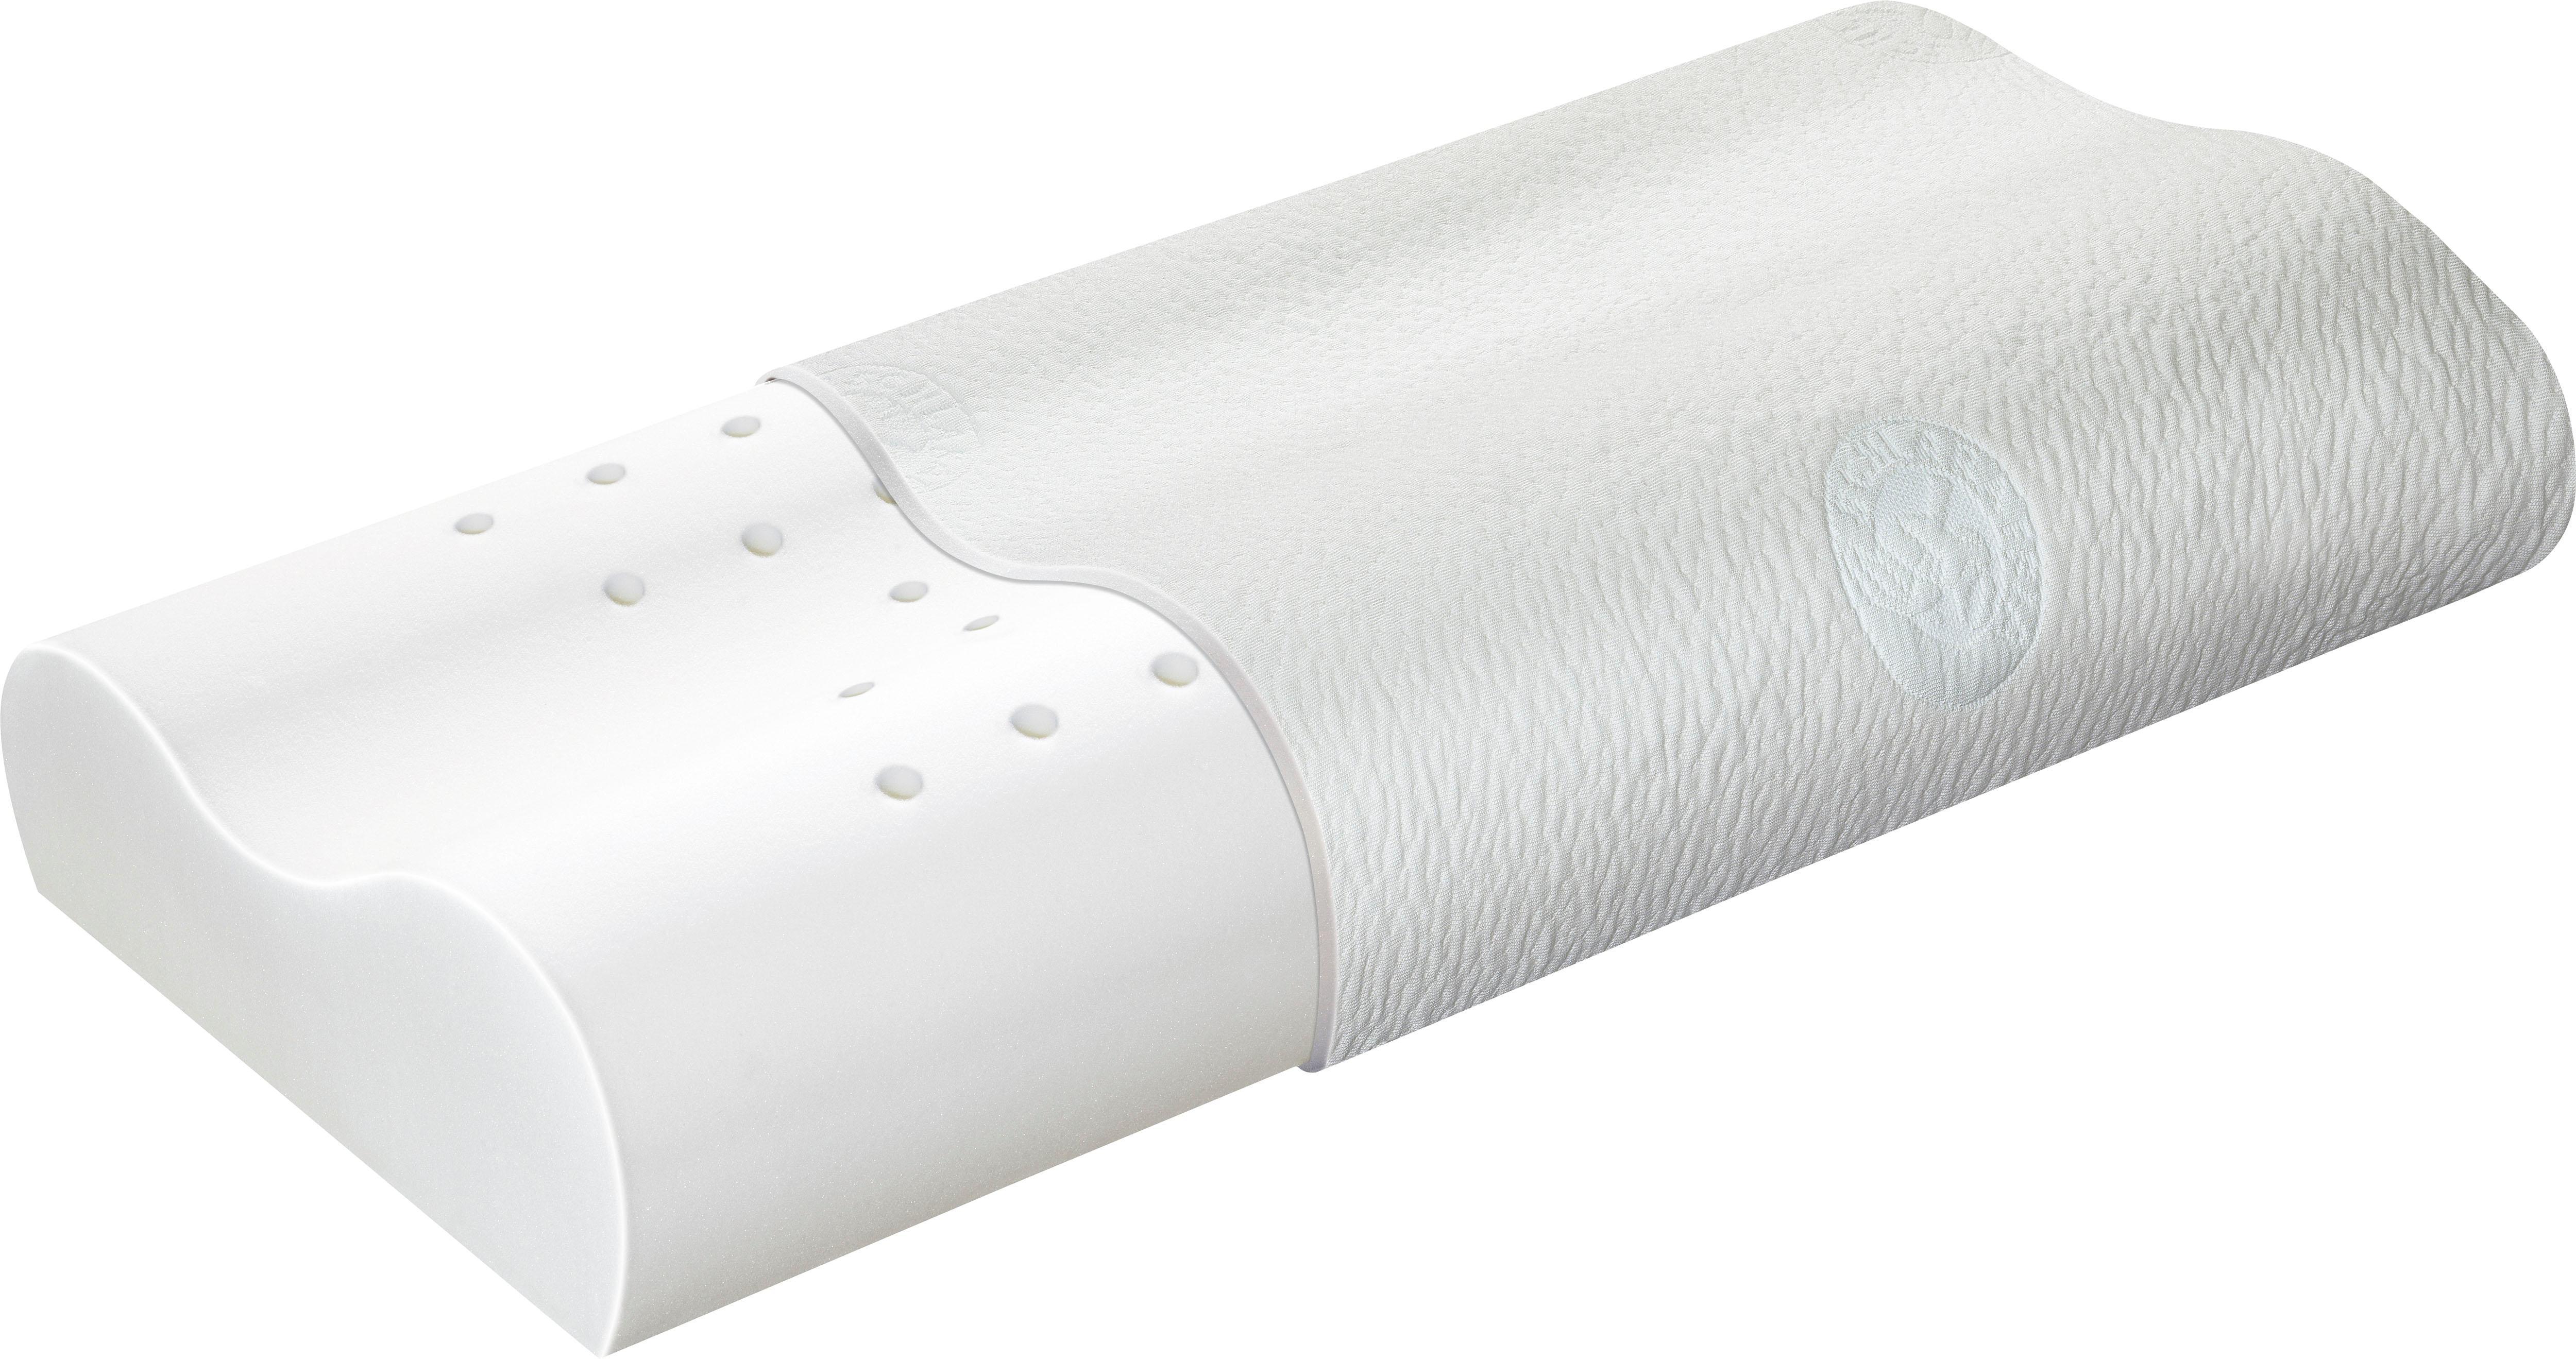 Nackenstützkissen BULTEX Komfort Schlaraffia